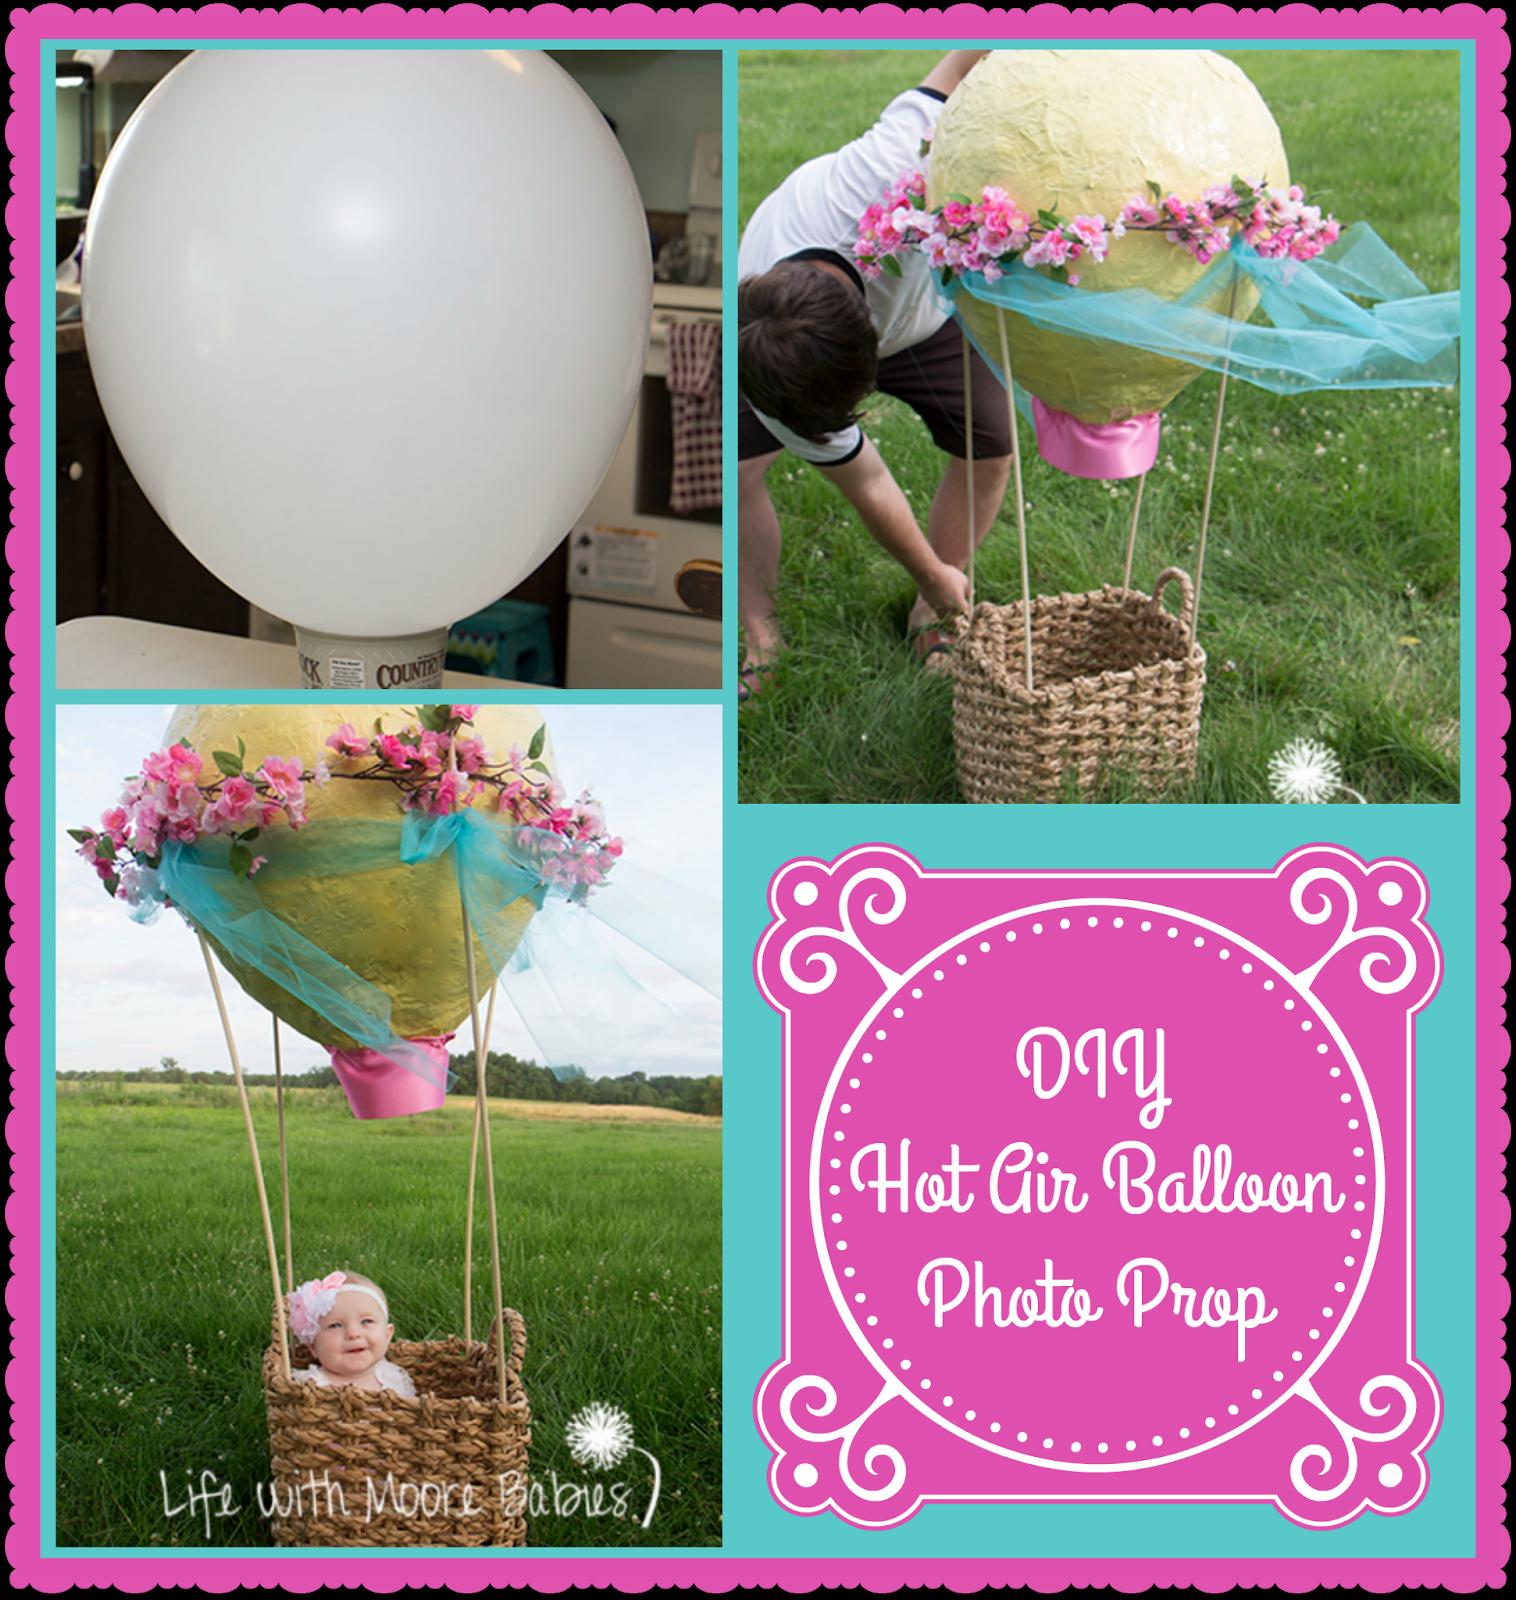 Get Adorable Baby Photos with this DIY Hot Air Balloon Photo Prop